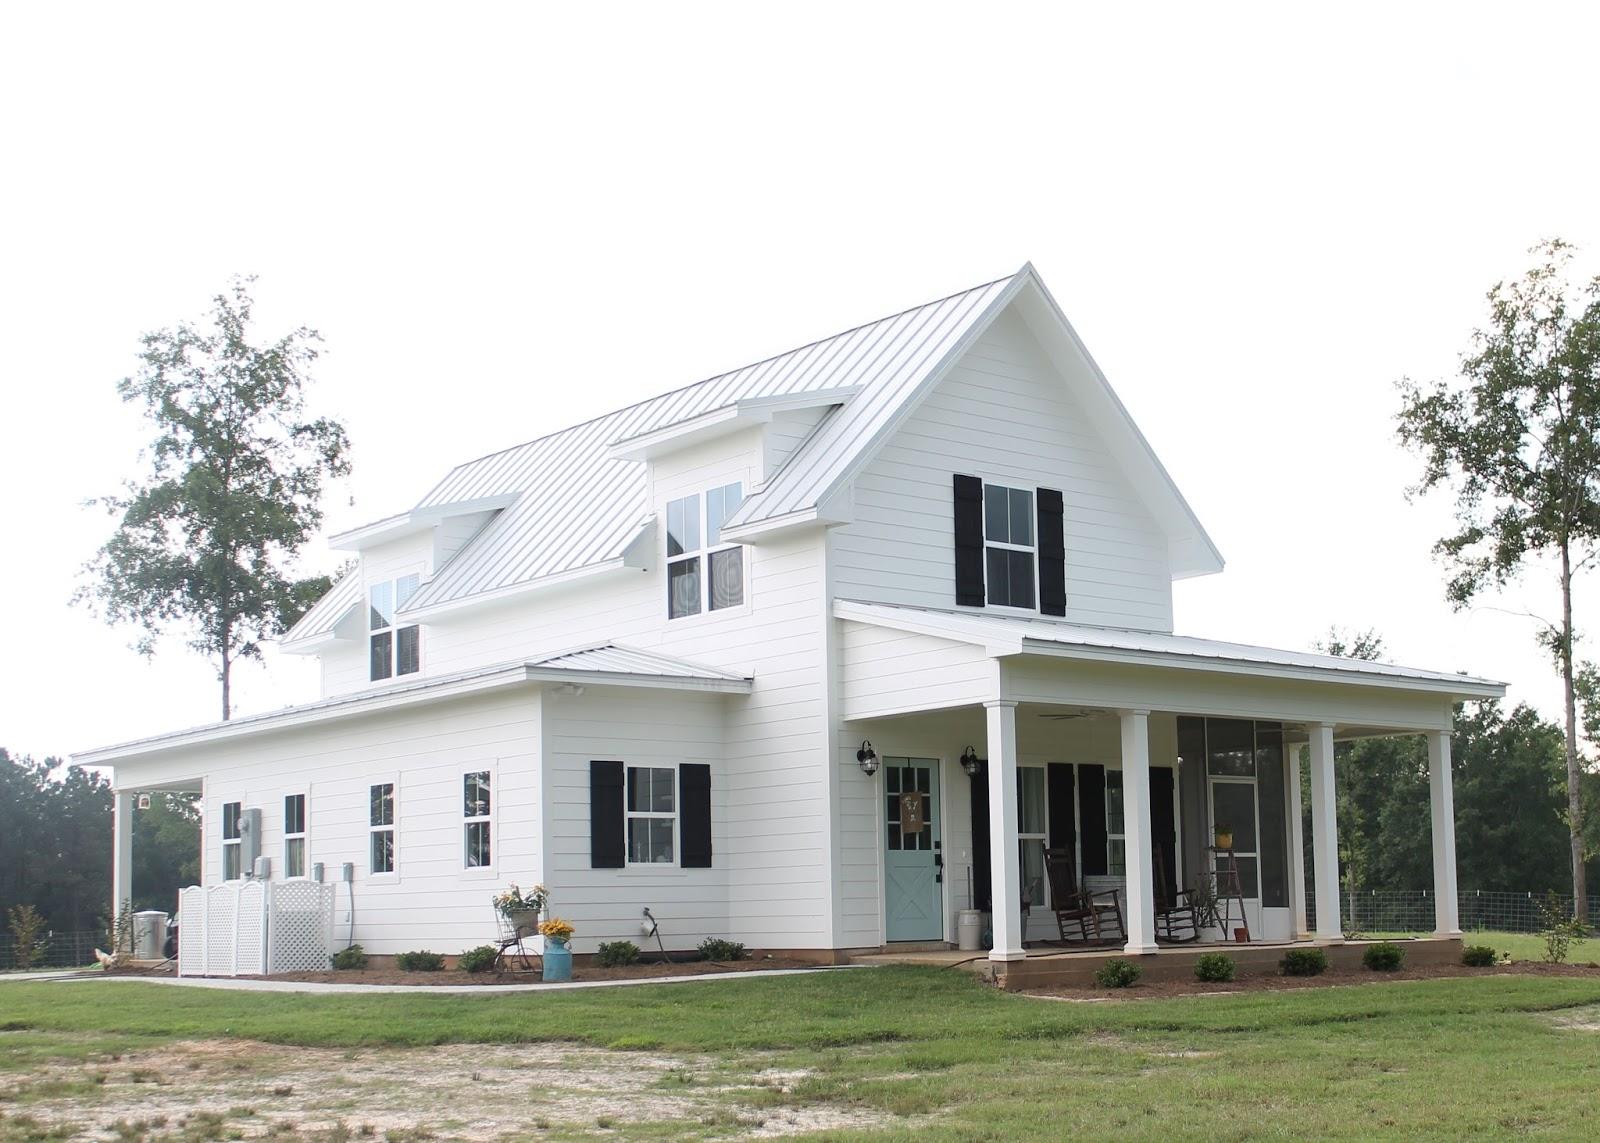 Duchess of york june 2015 for White farmhouse plans